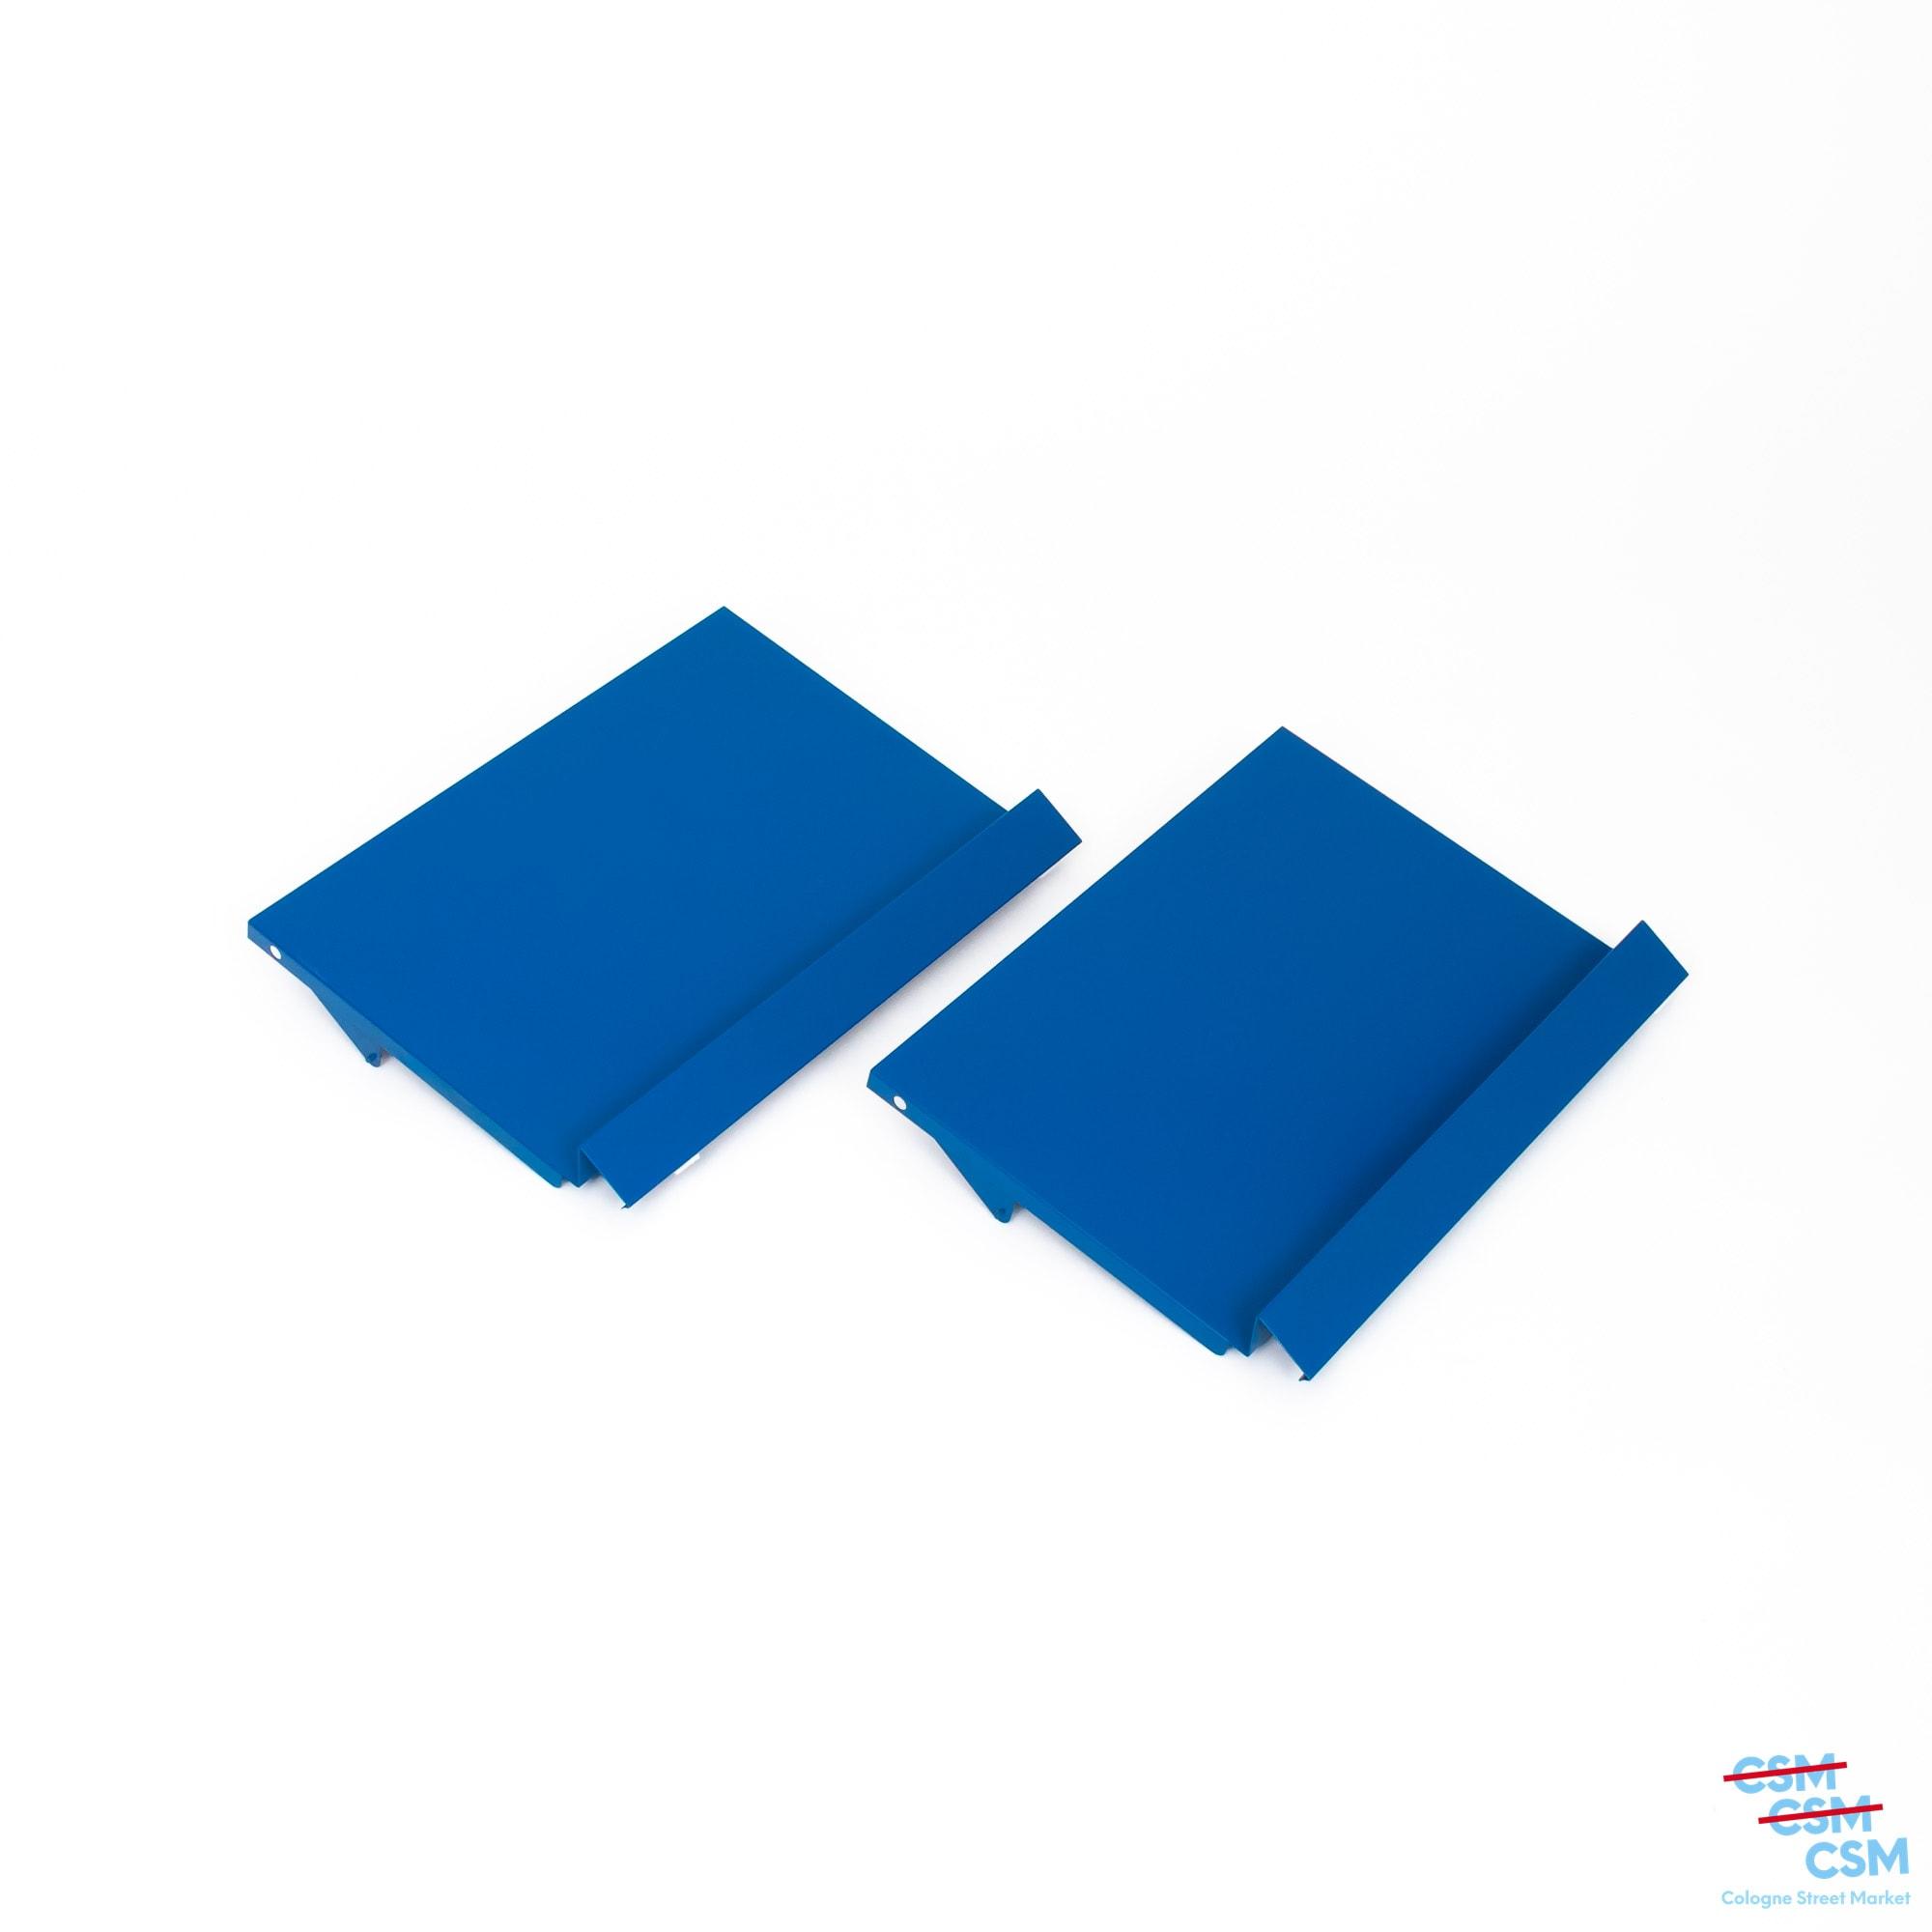 2er Paket USM Haller Prospektklappe Enzianblau 485x35 gebraucht 1